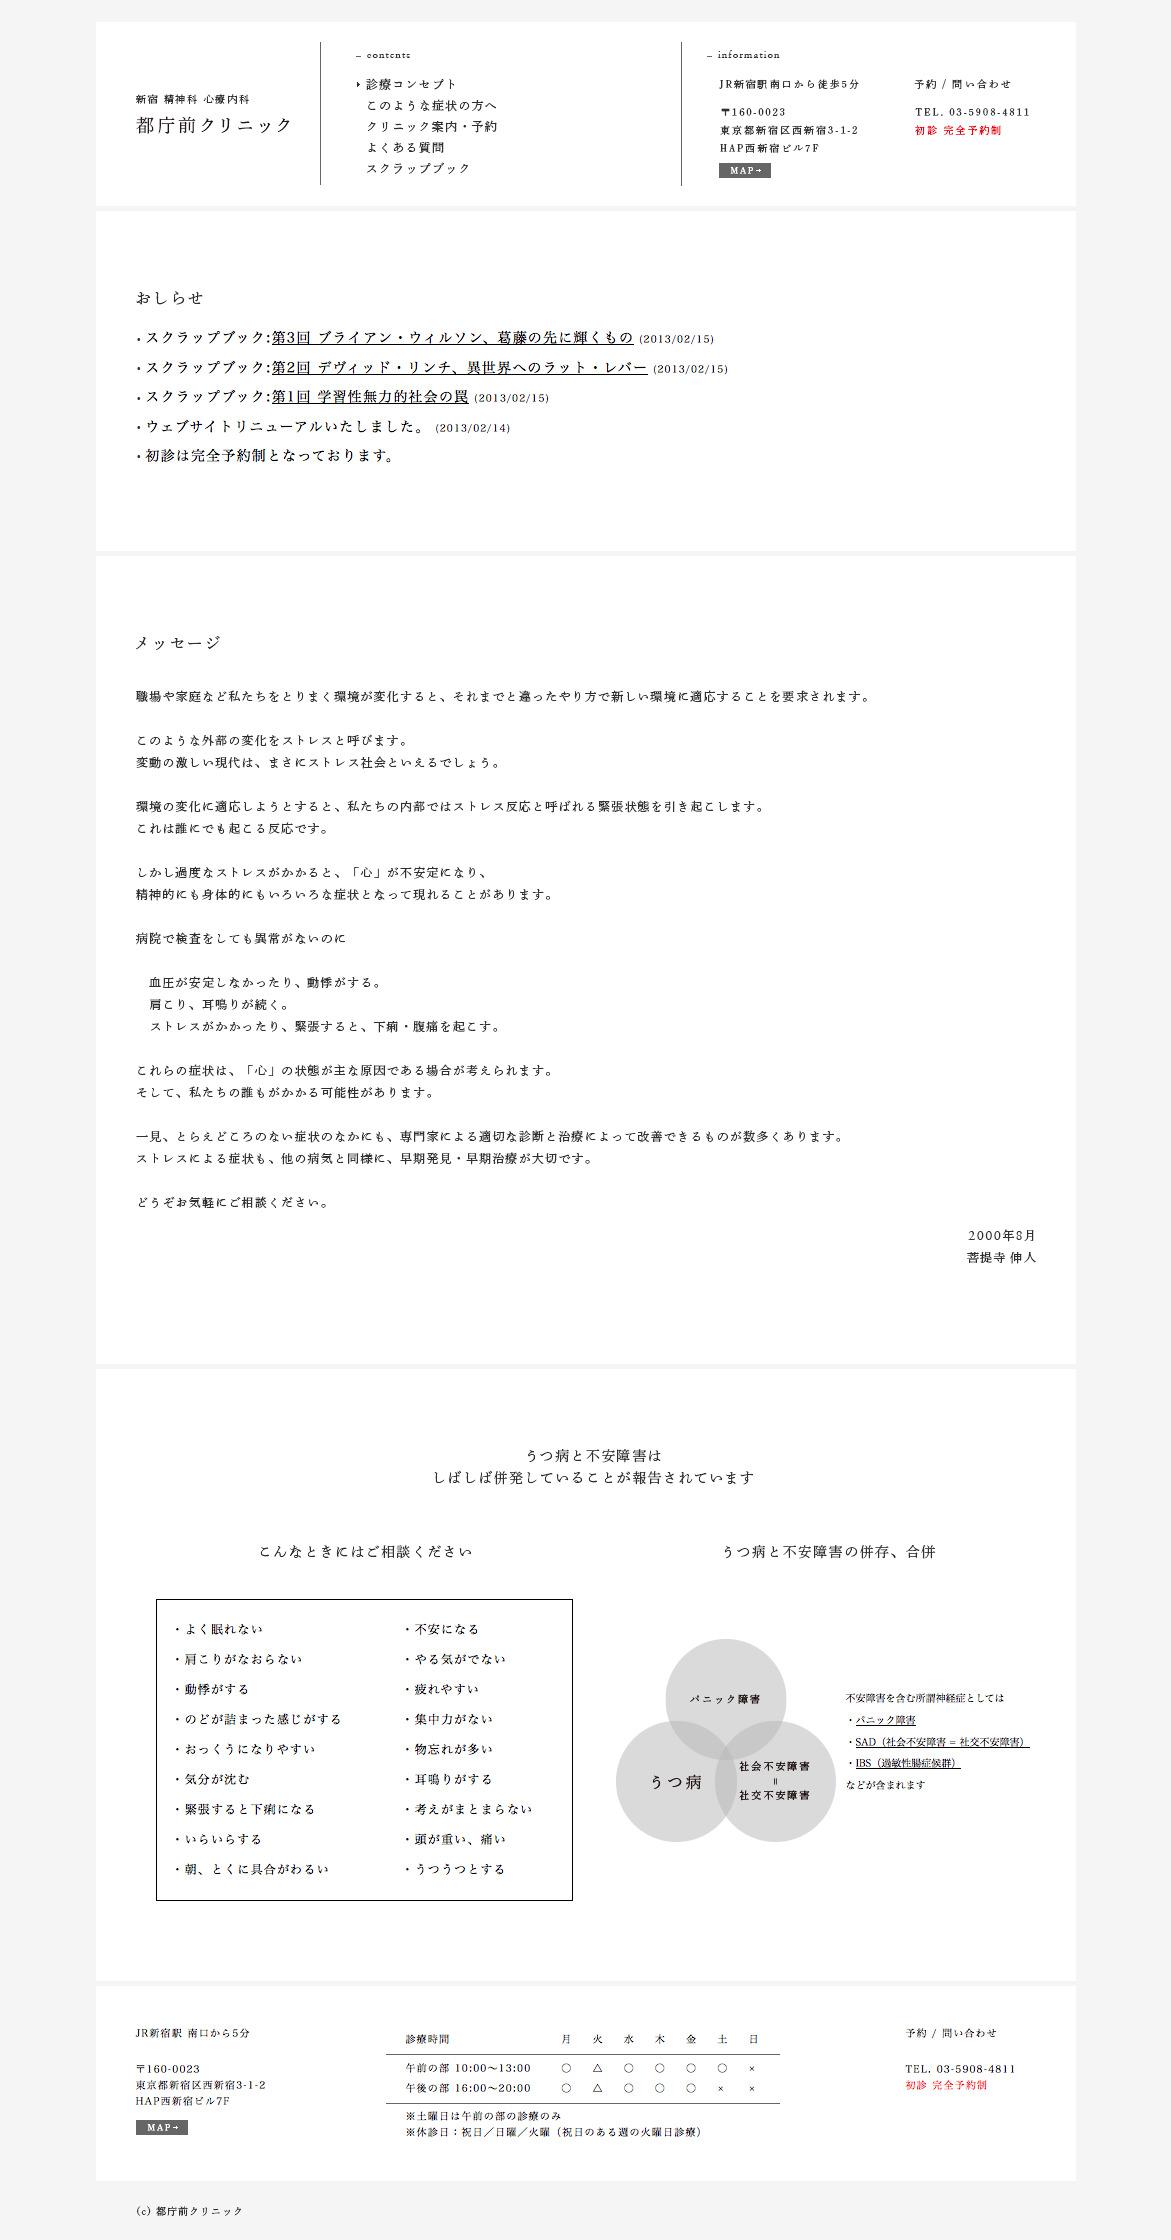 新宿 精神科・心療内科 都庁前クリニック